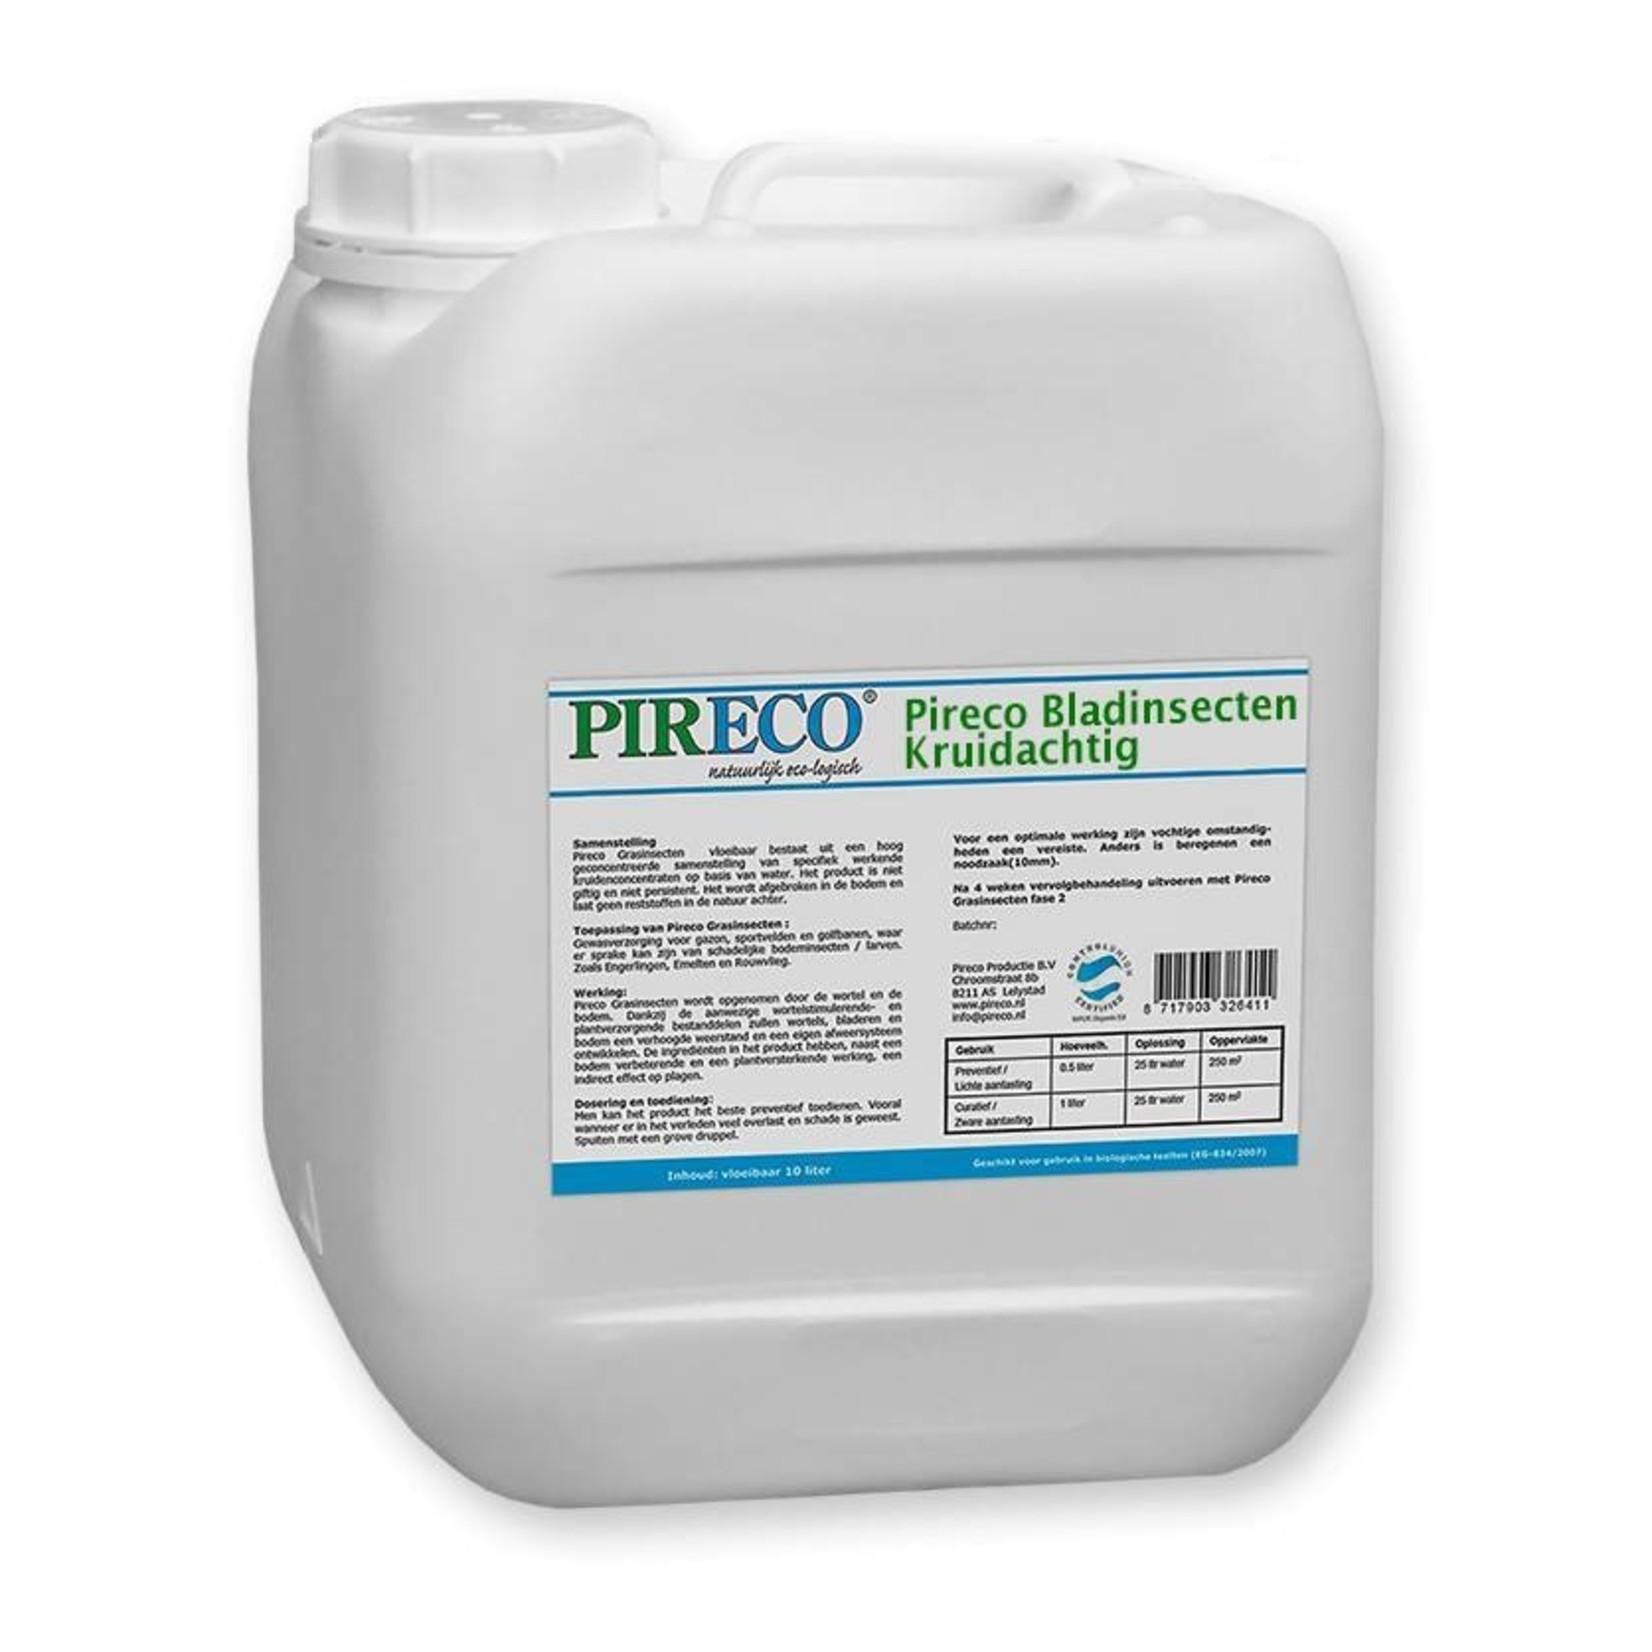 Pireco Herfosec Bladinsecten vloeibaar 5 liter